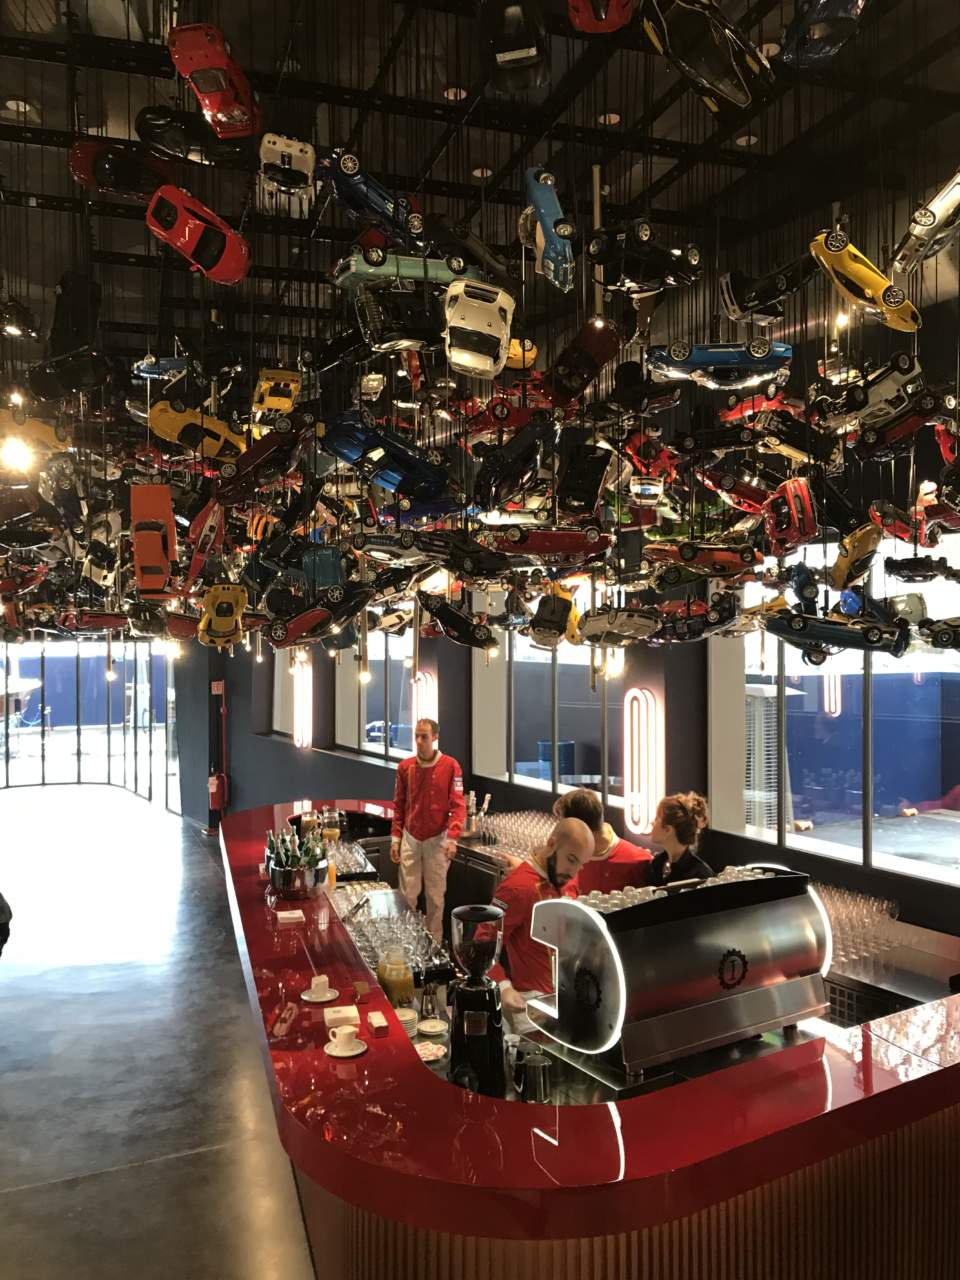 Apre garage italia l 39 hub dedicato ad auto e food made in italy ristoranti web - Garage italia ristorante milano ...